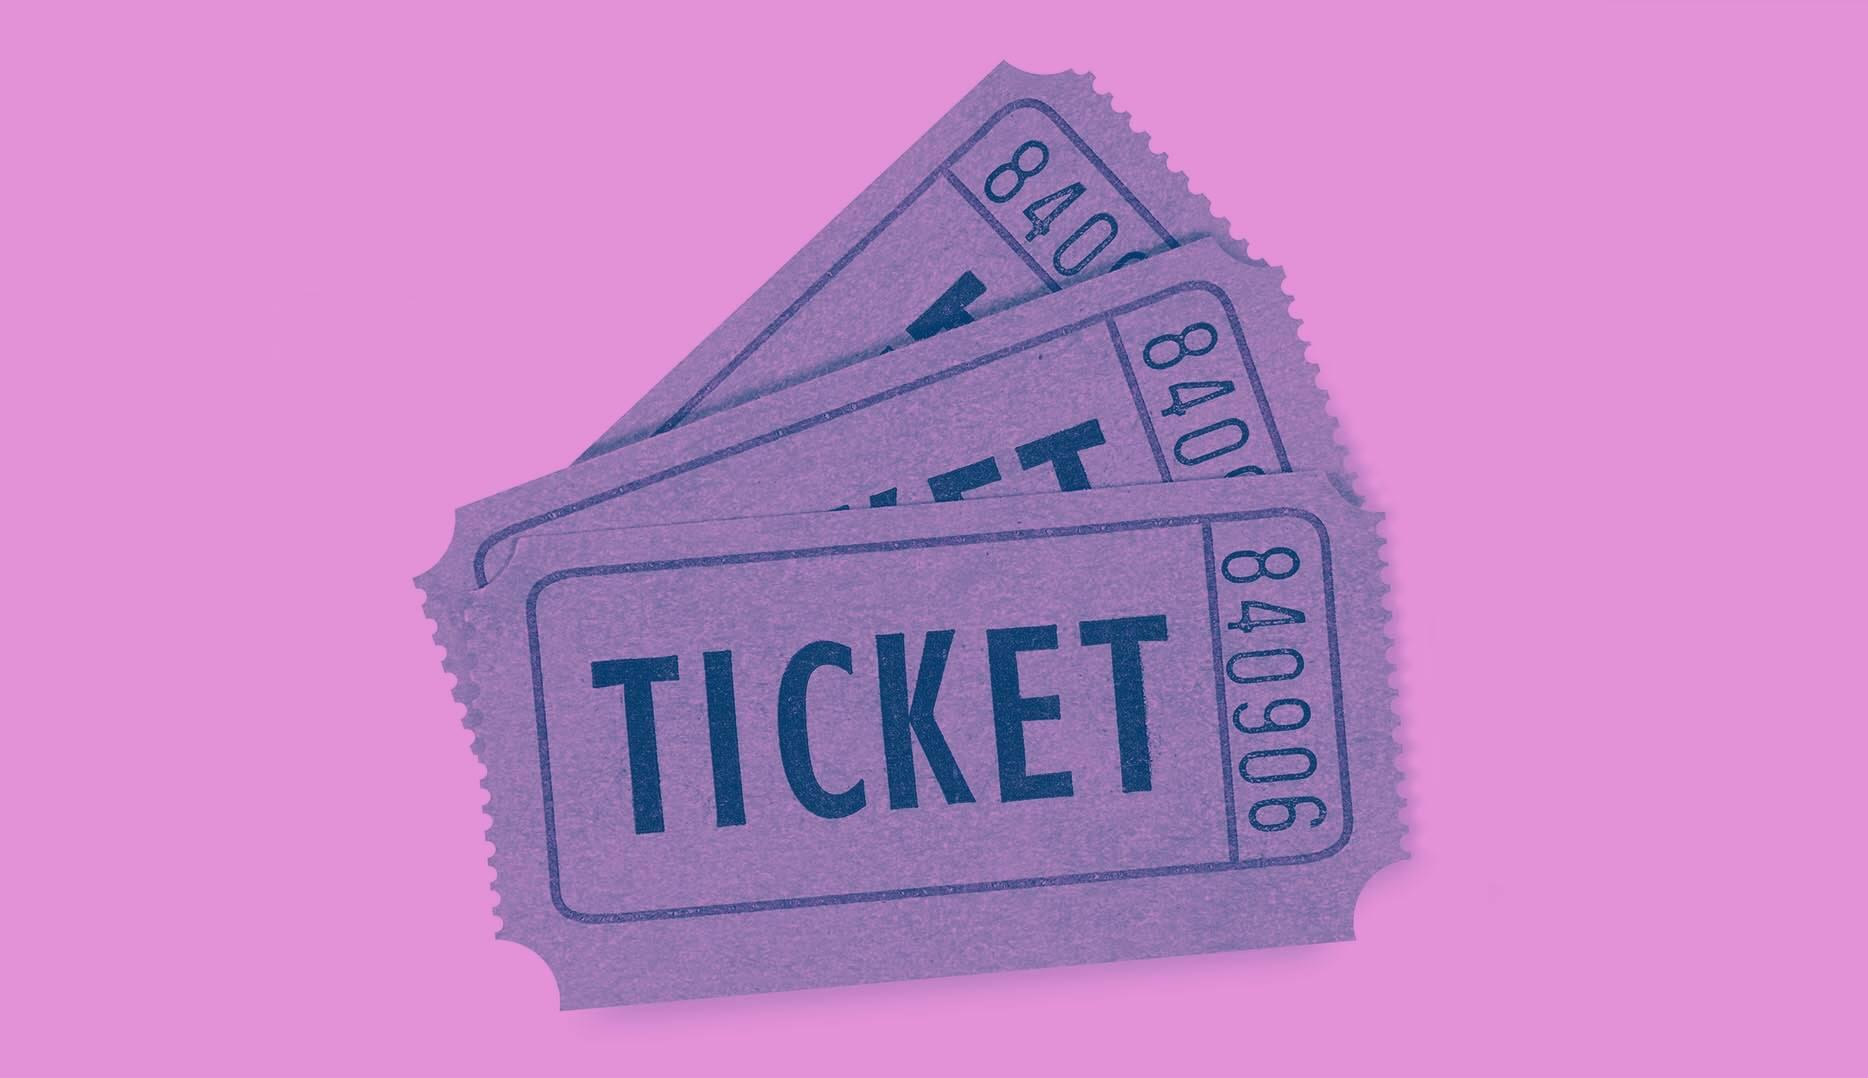 Comment utiliser Wrike comme système de gestion des tickets